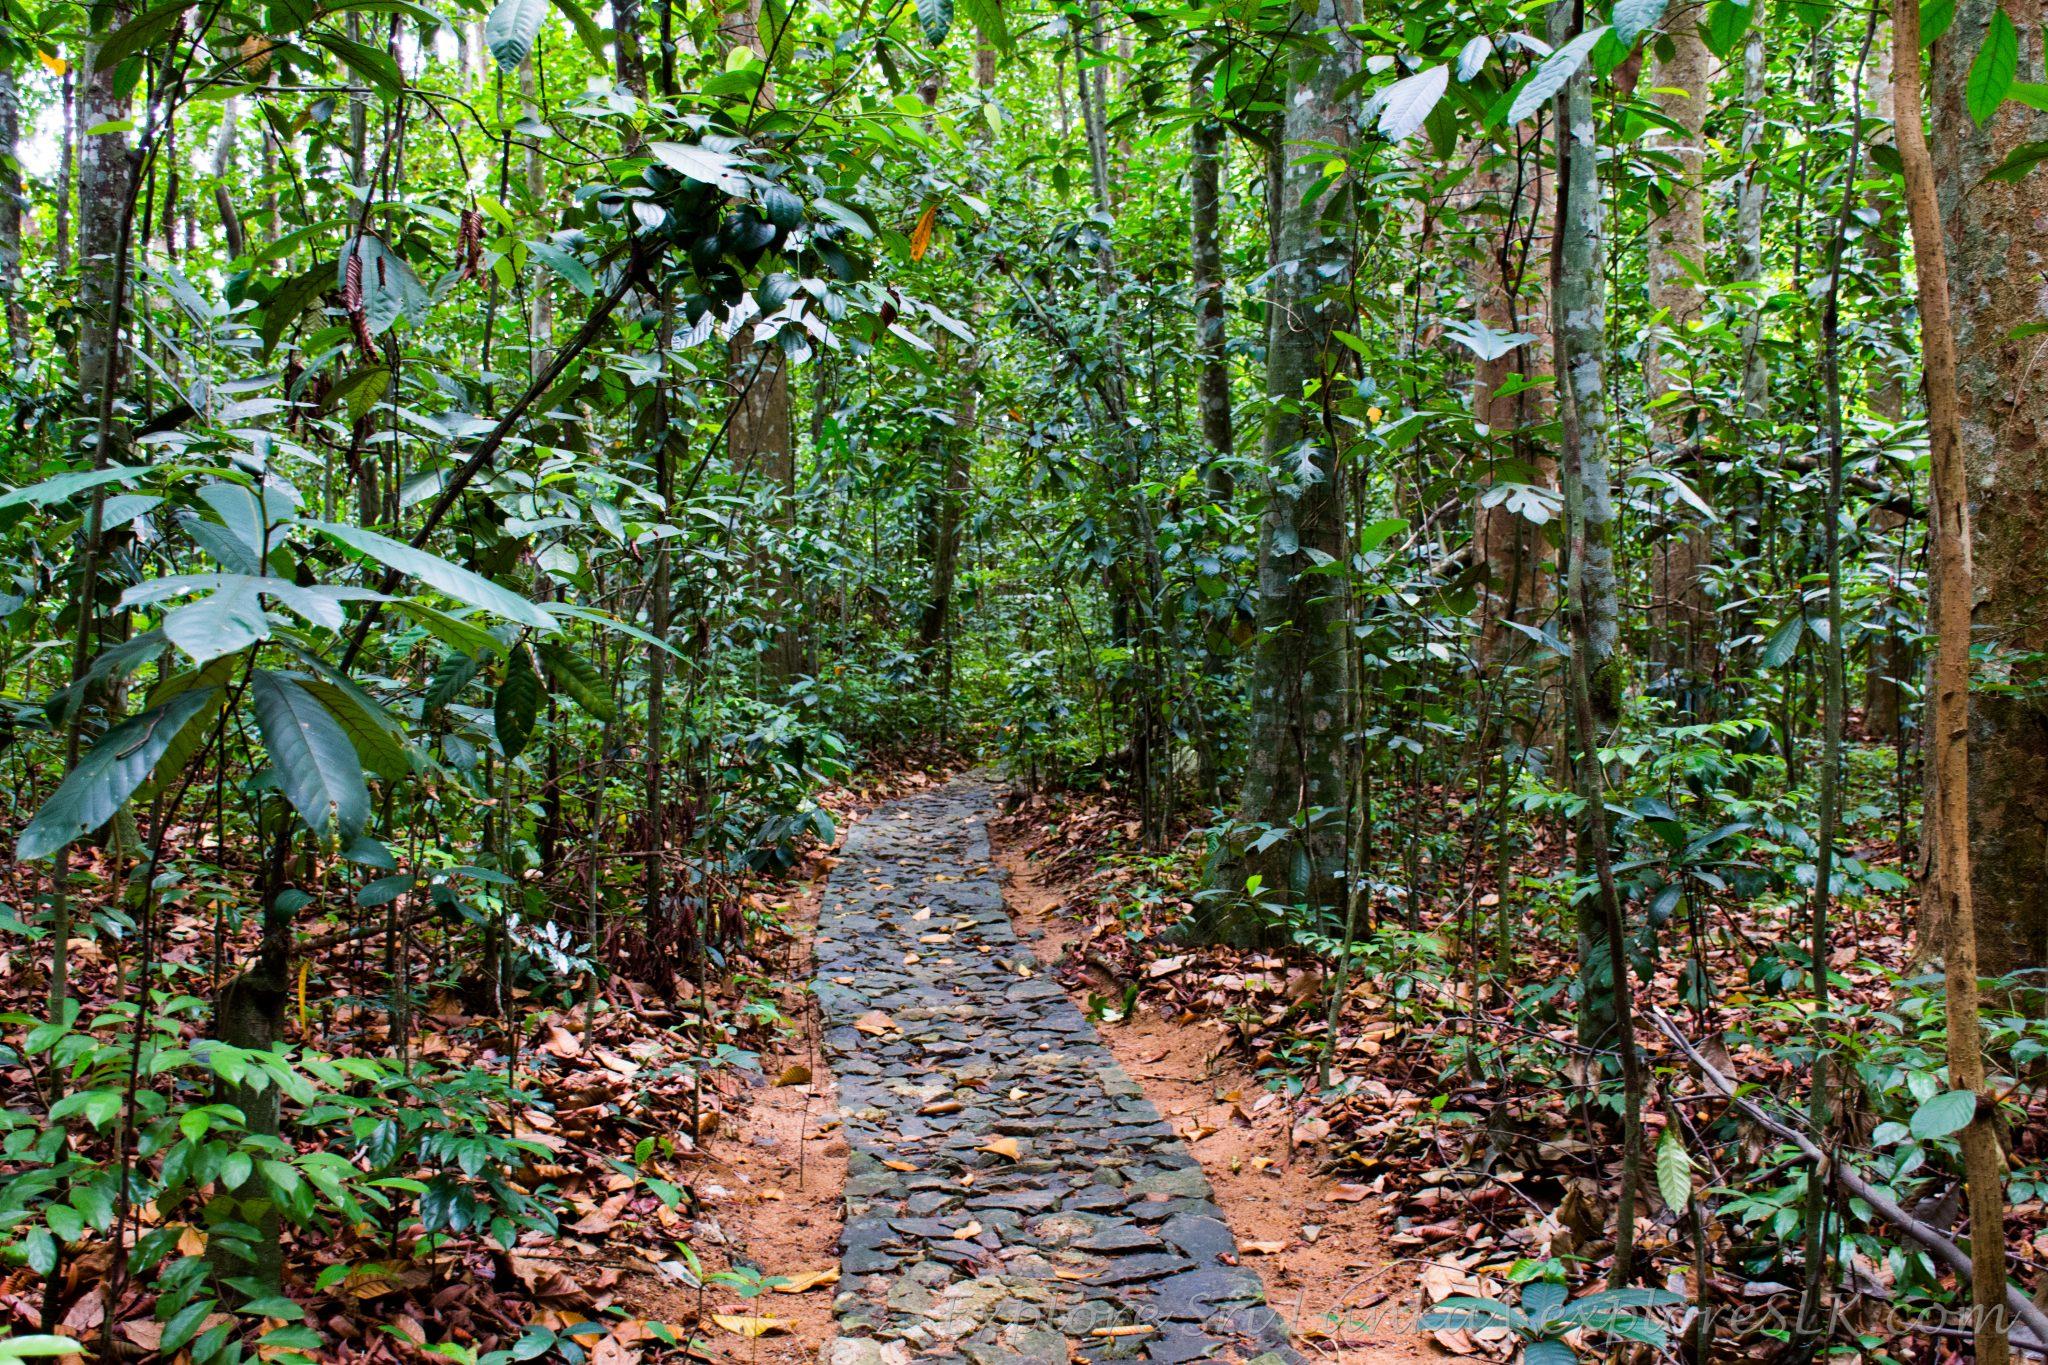 Footpath in Jungle